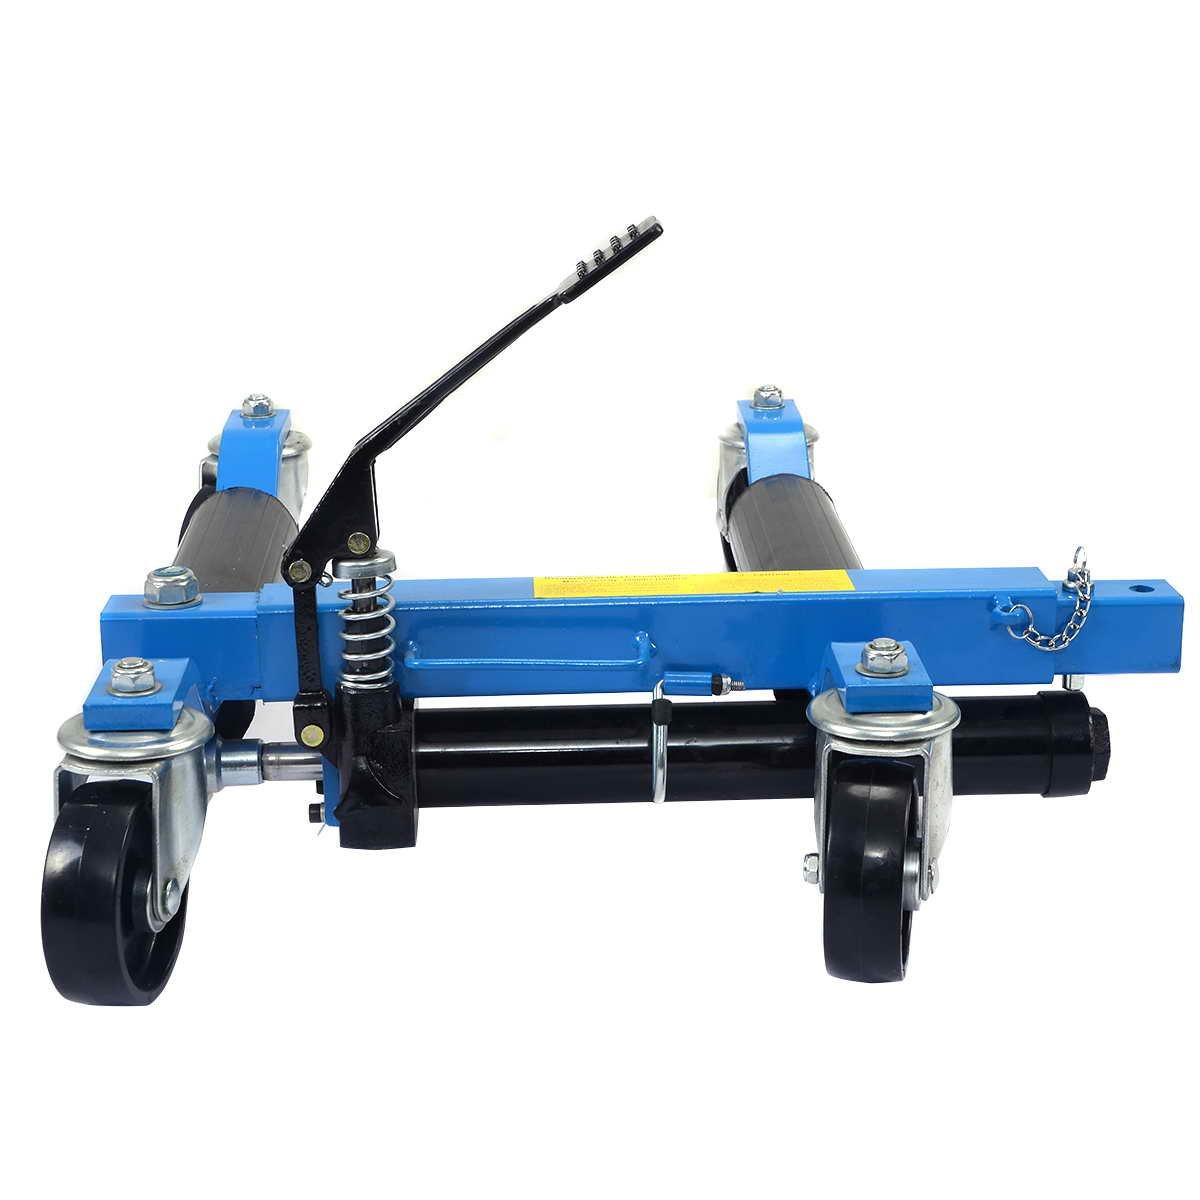 COSTWAY Rangierhilfe hydraulisch Rangierroller f/ür Pkw Auto Wagenheber gummiauflage Schwarz Rangierheber Rangierwagenheber Autoheber belastbar bis 680KG